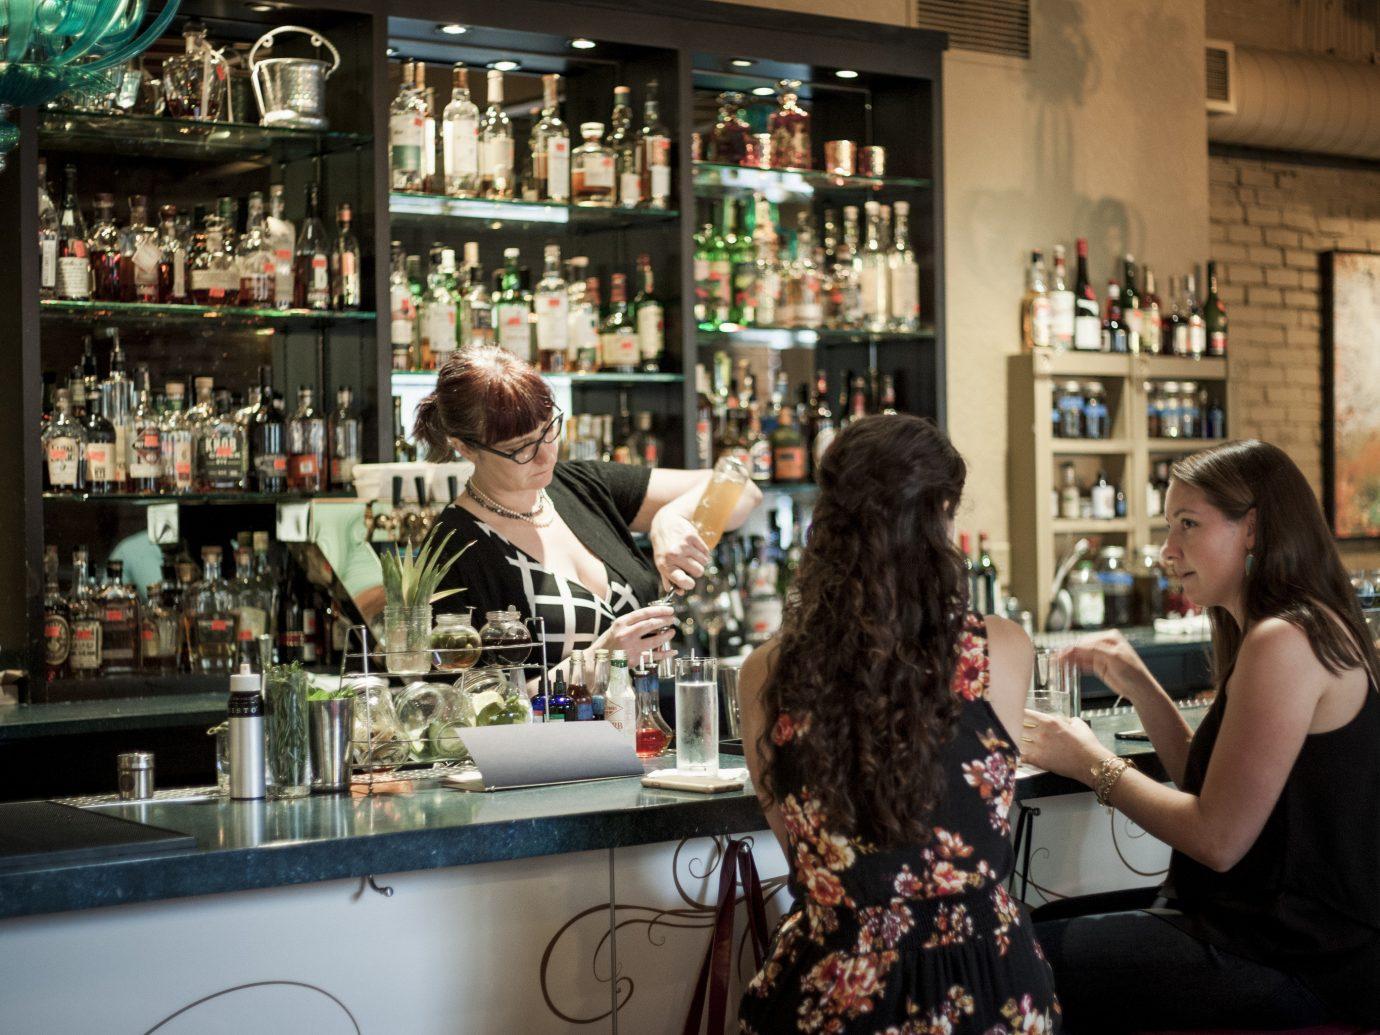 Trip Ideas person indoor floristry retail Bar preparing Shop